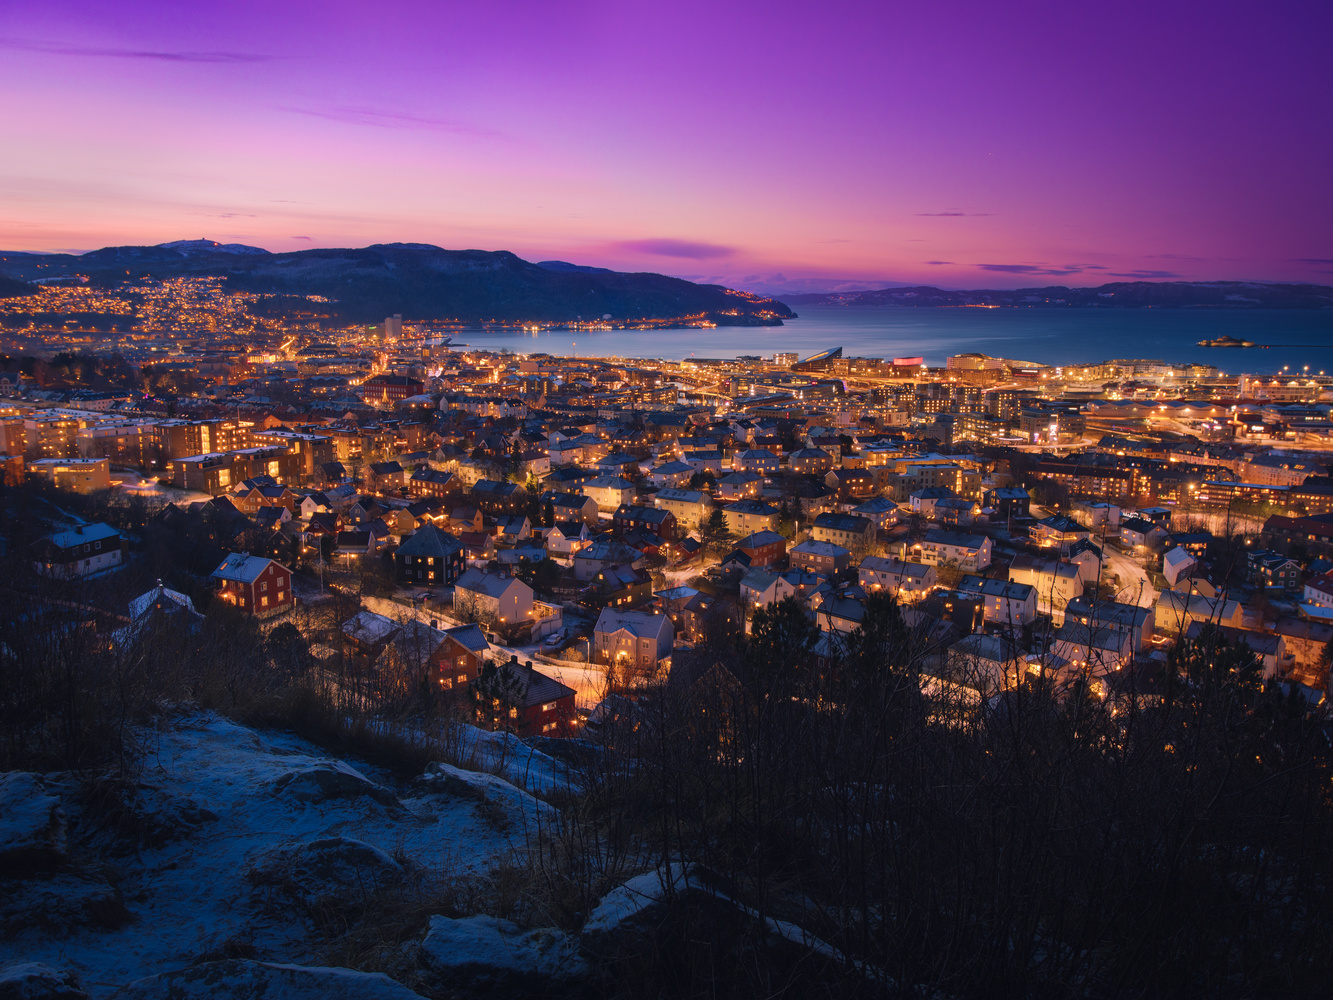 Trondheim, Norway by Andreas Brilke